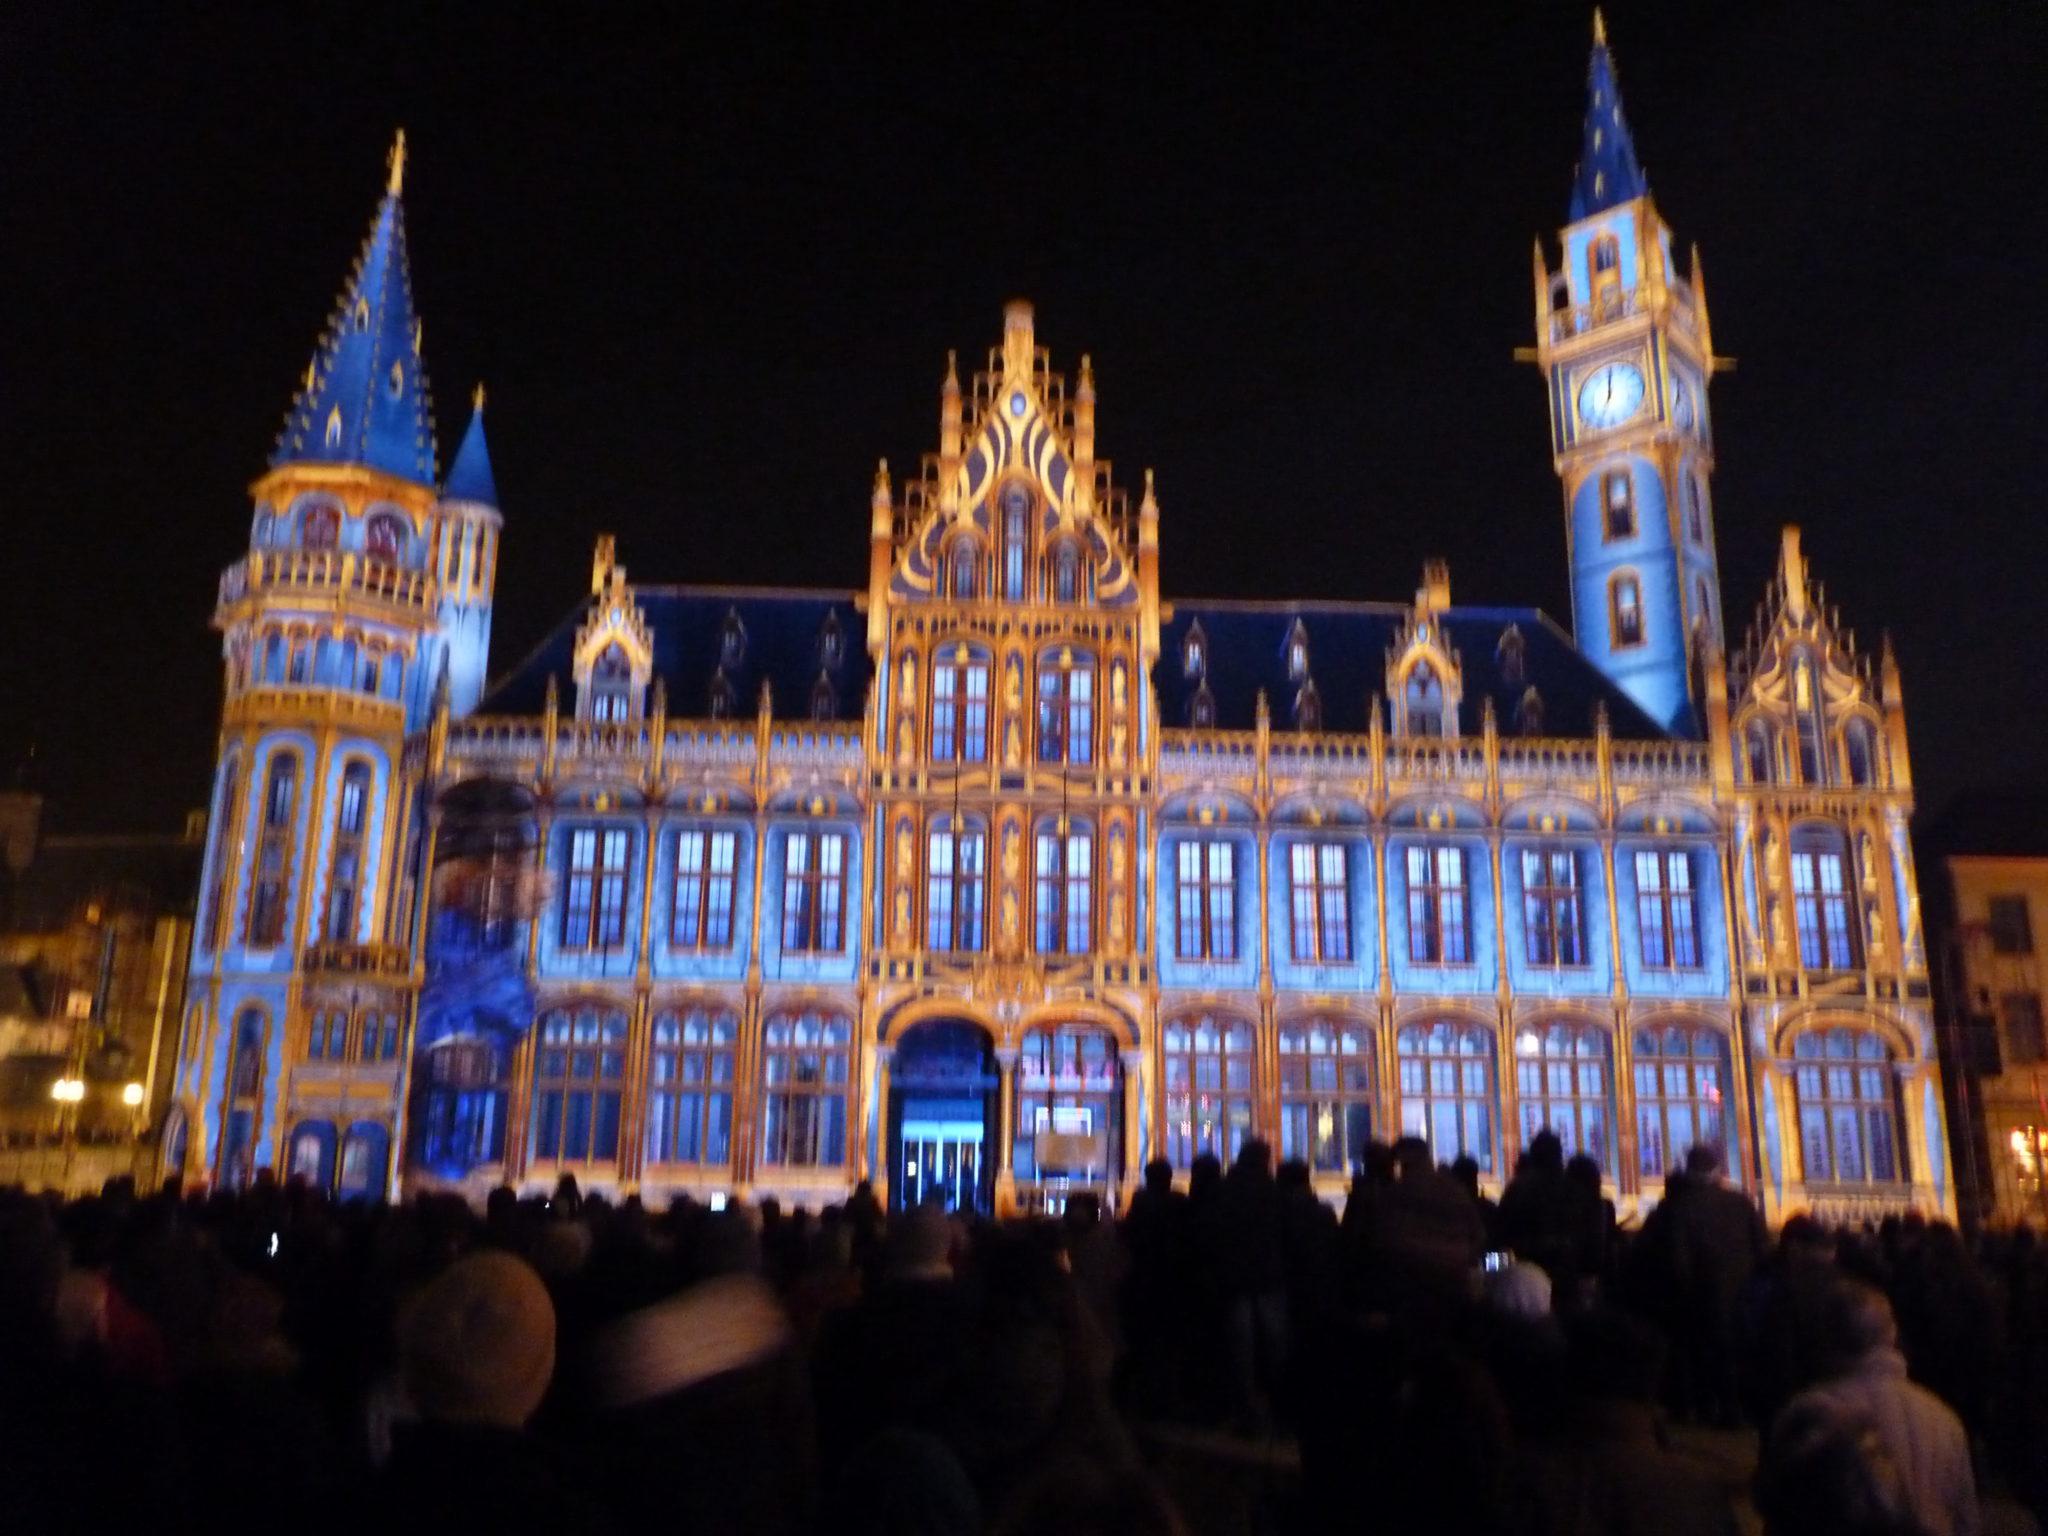 Lichtfestival in de stad Gent.